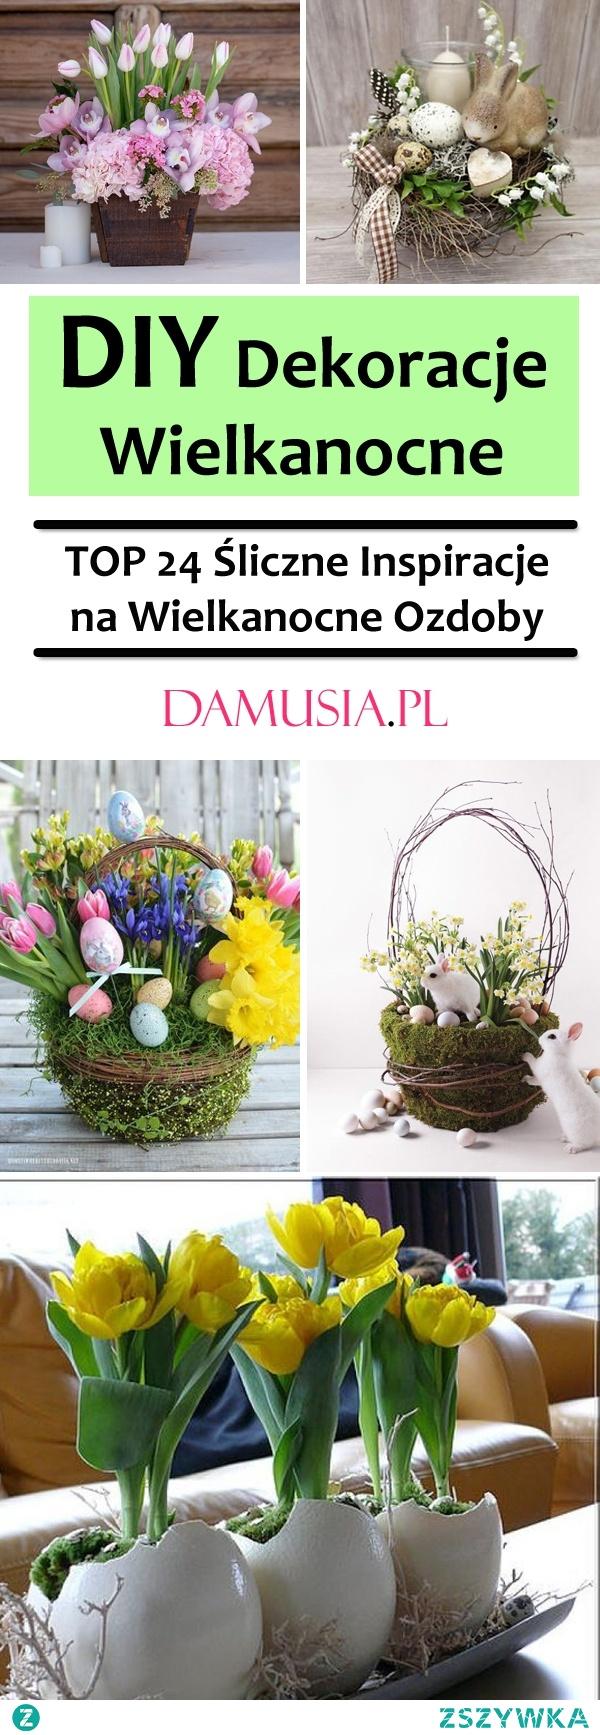 DIY Dekoracje Wielkanocne – TOP 24 Śliczne Inspiracje na Wielkanocne Ozdoby